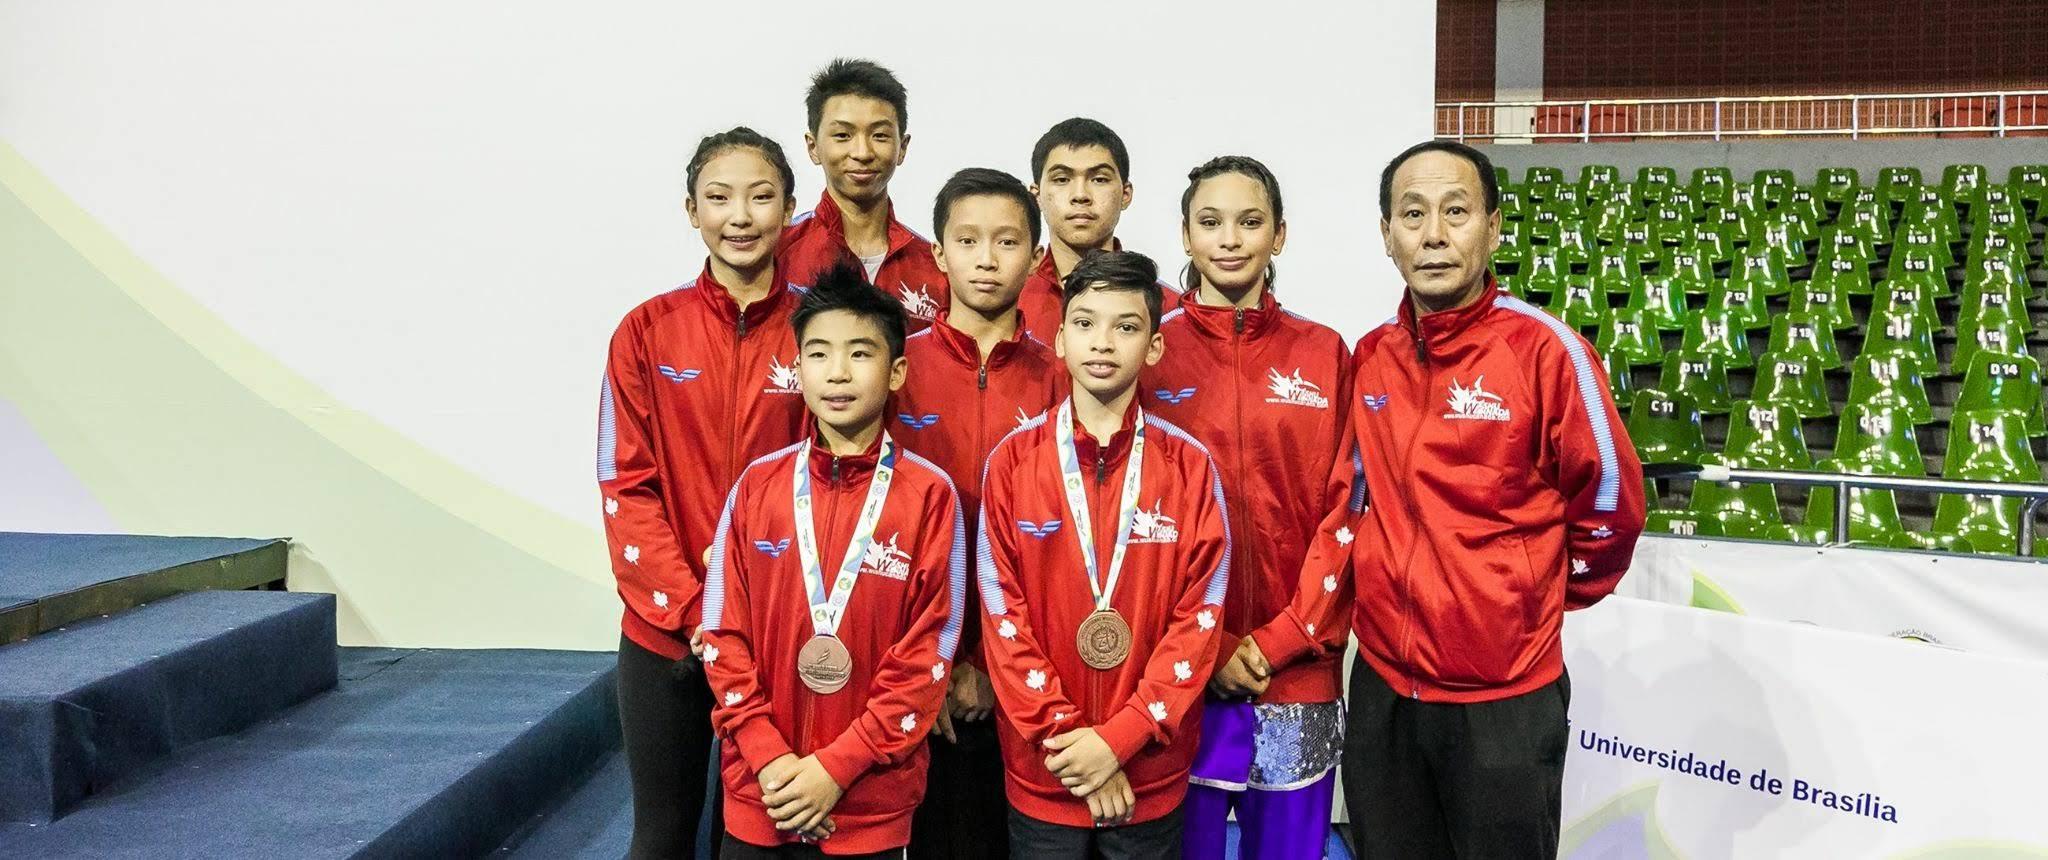 wayland-li-wushu-world-junior-wushu-brazil-team-canada-2018-31.JPG